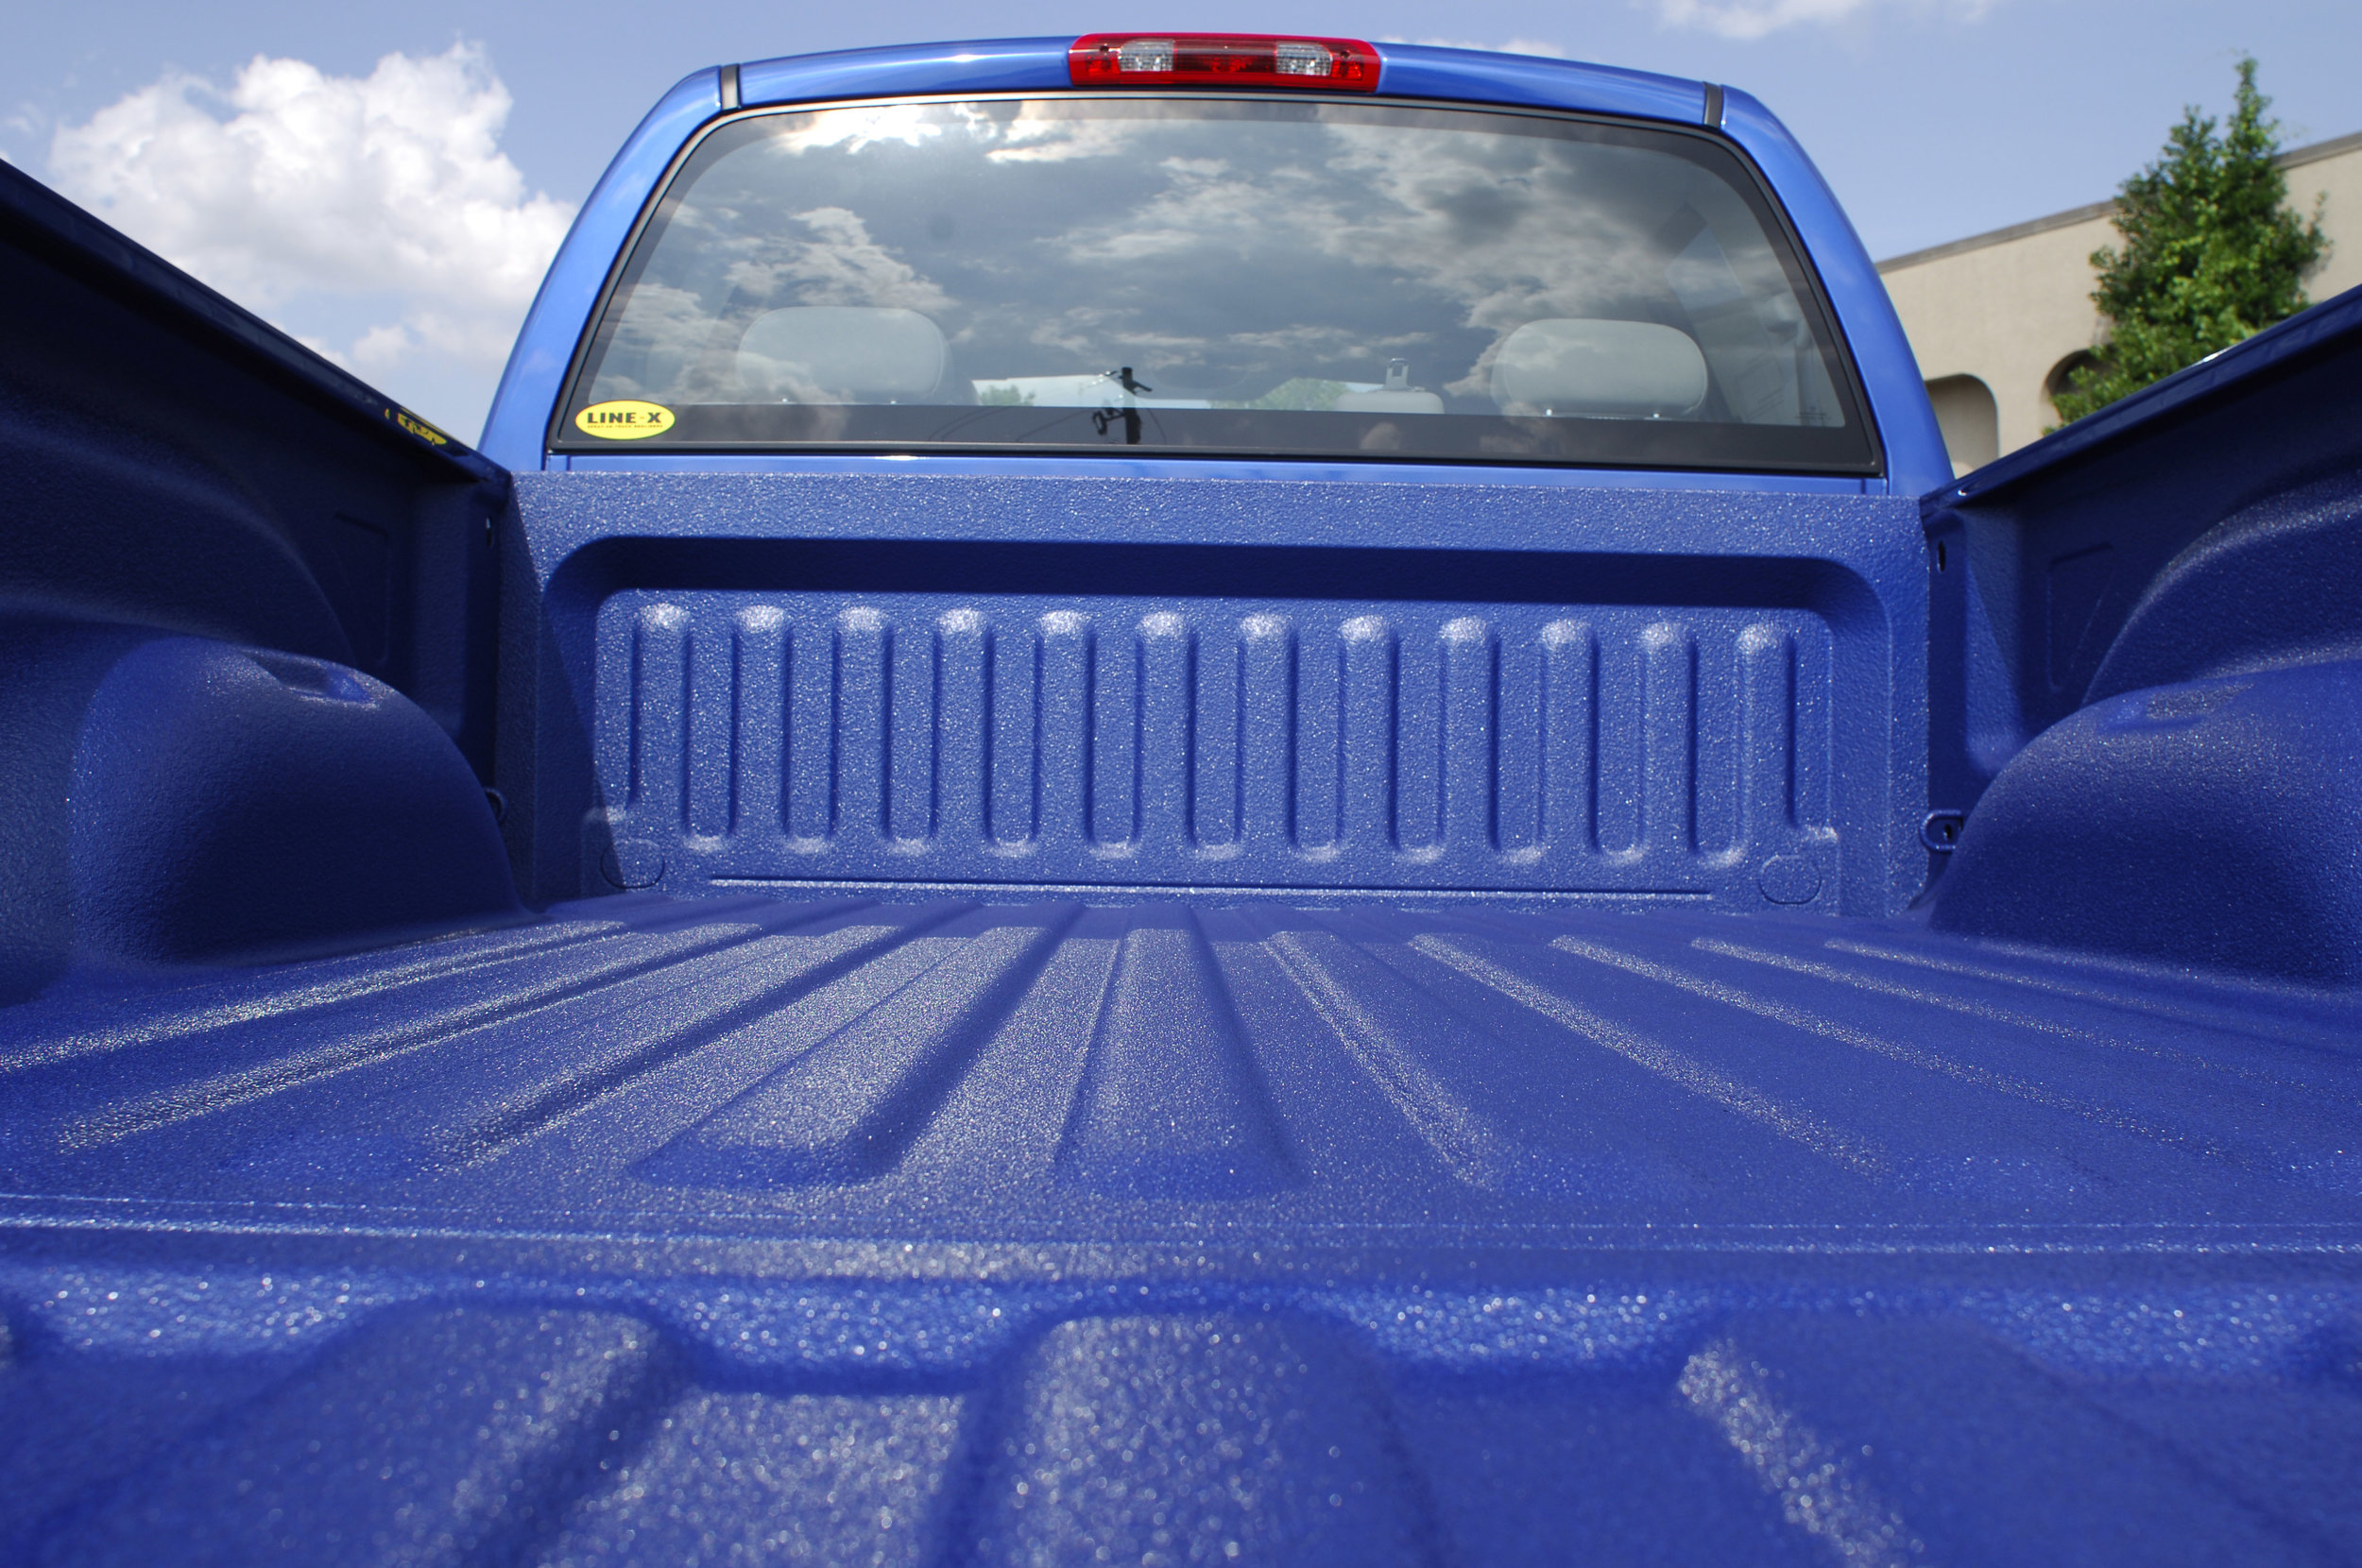 Bright Blue Truck Bedliner.JPG